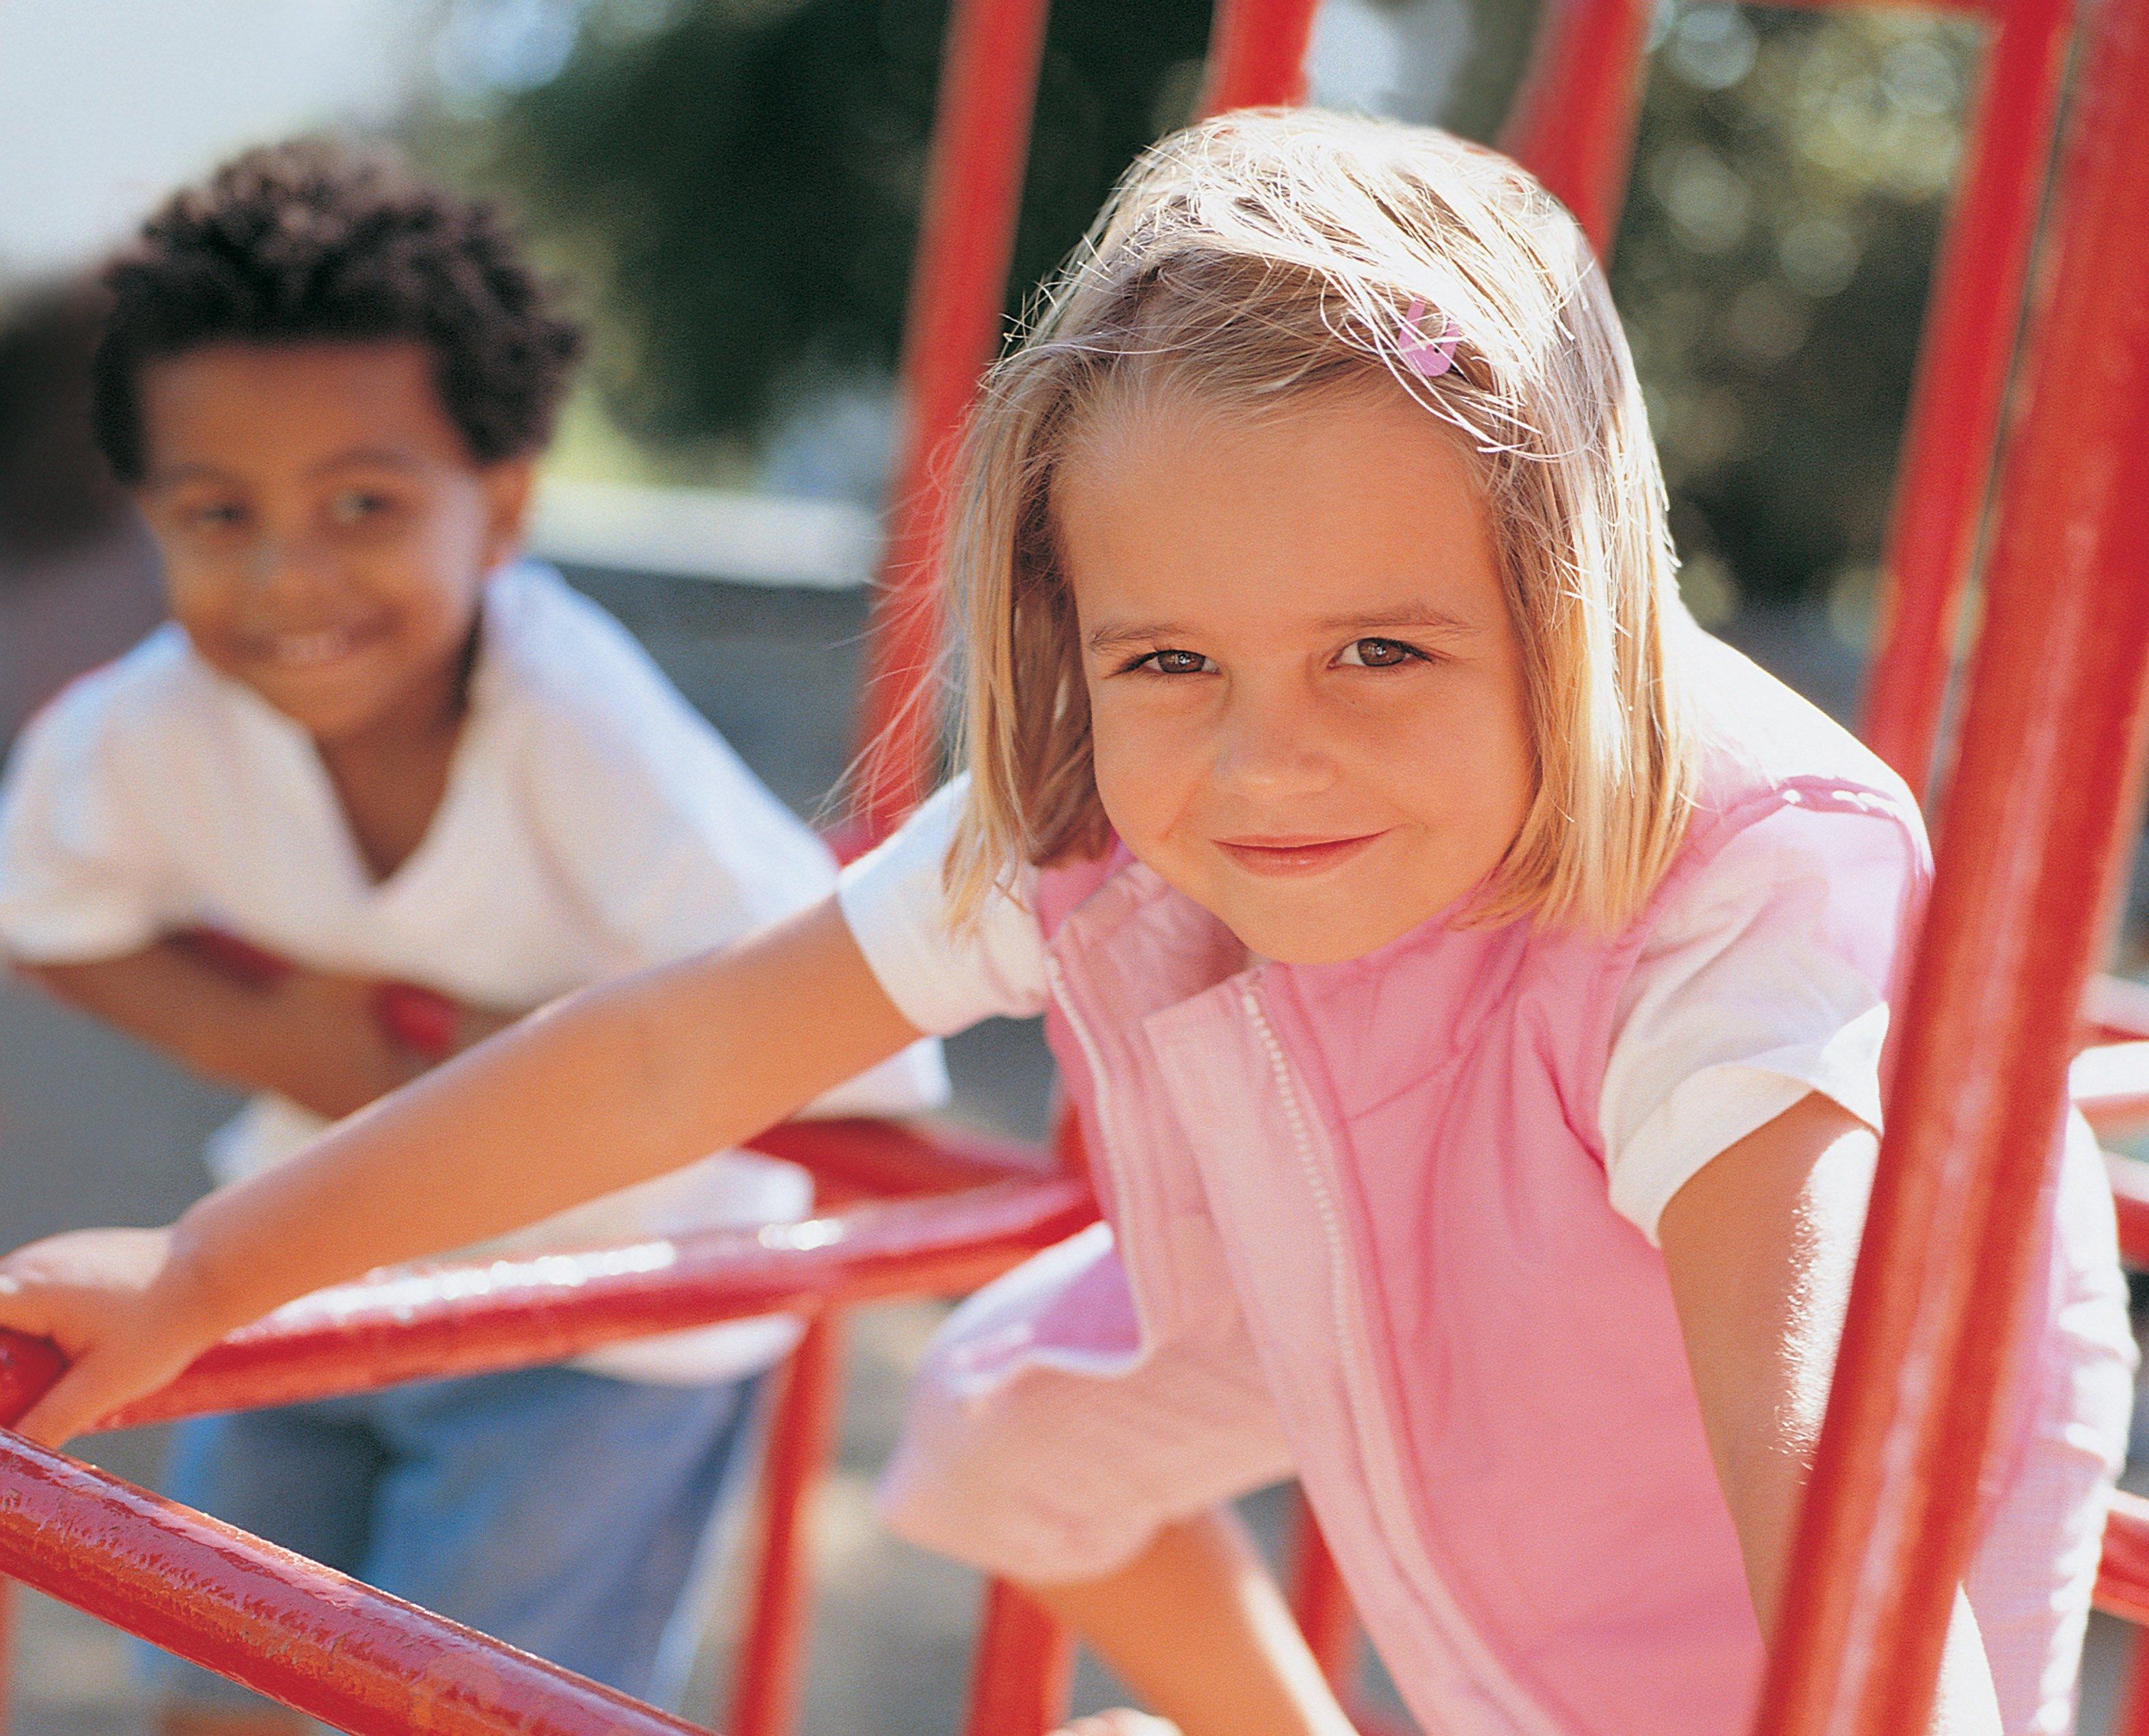 дети гуляют на площадке, игры без правил для ребенка